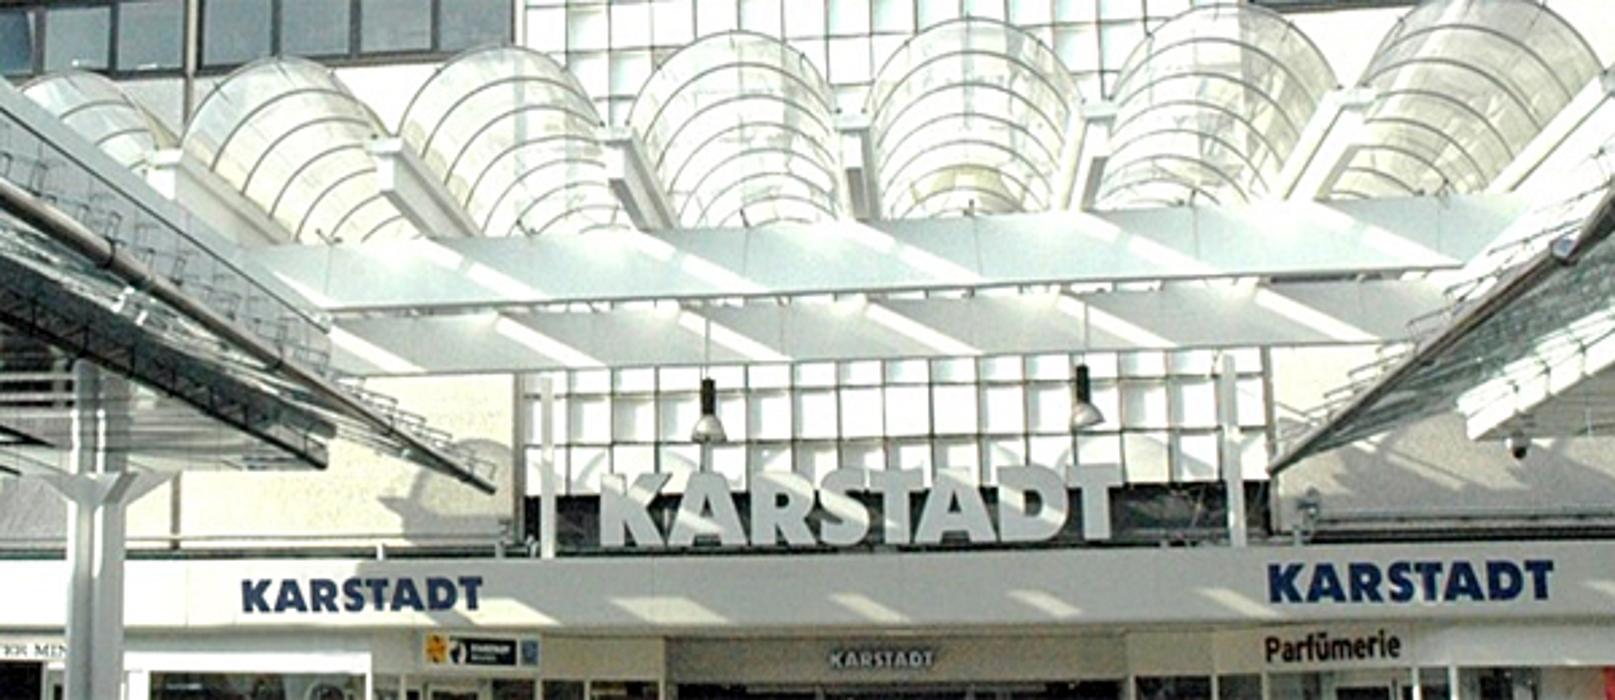 GALERIA (Karstadt) Bochum Ruhr Park, Am Einkaufszentrum in Bochum